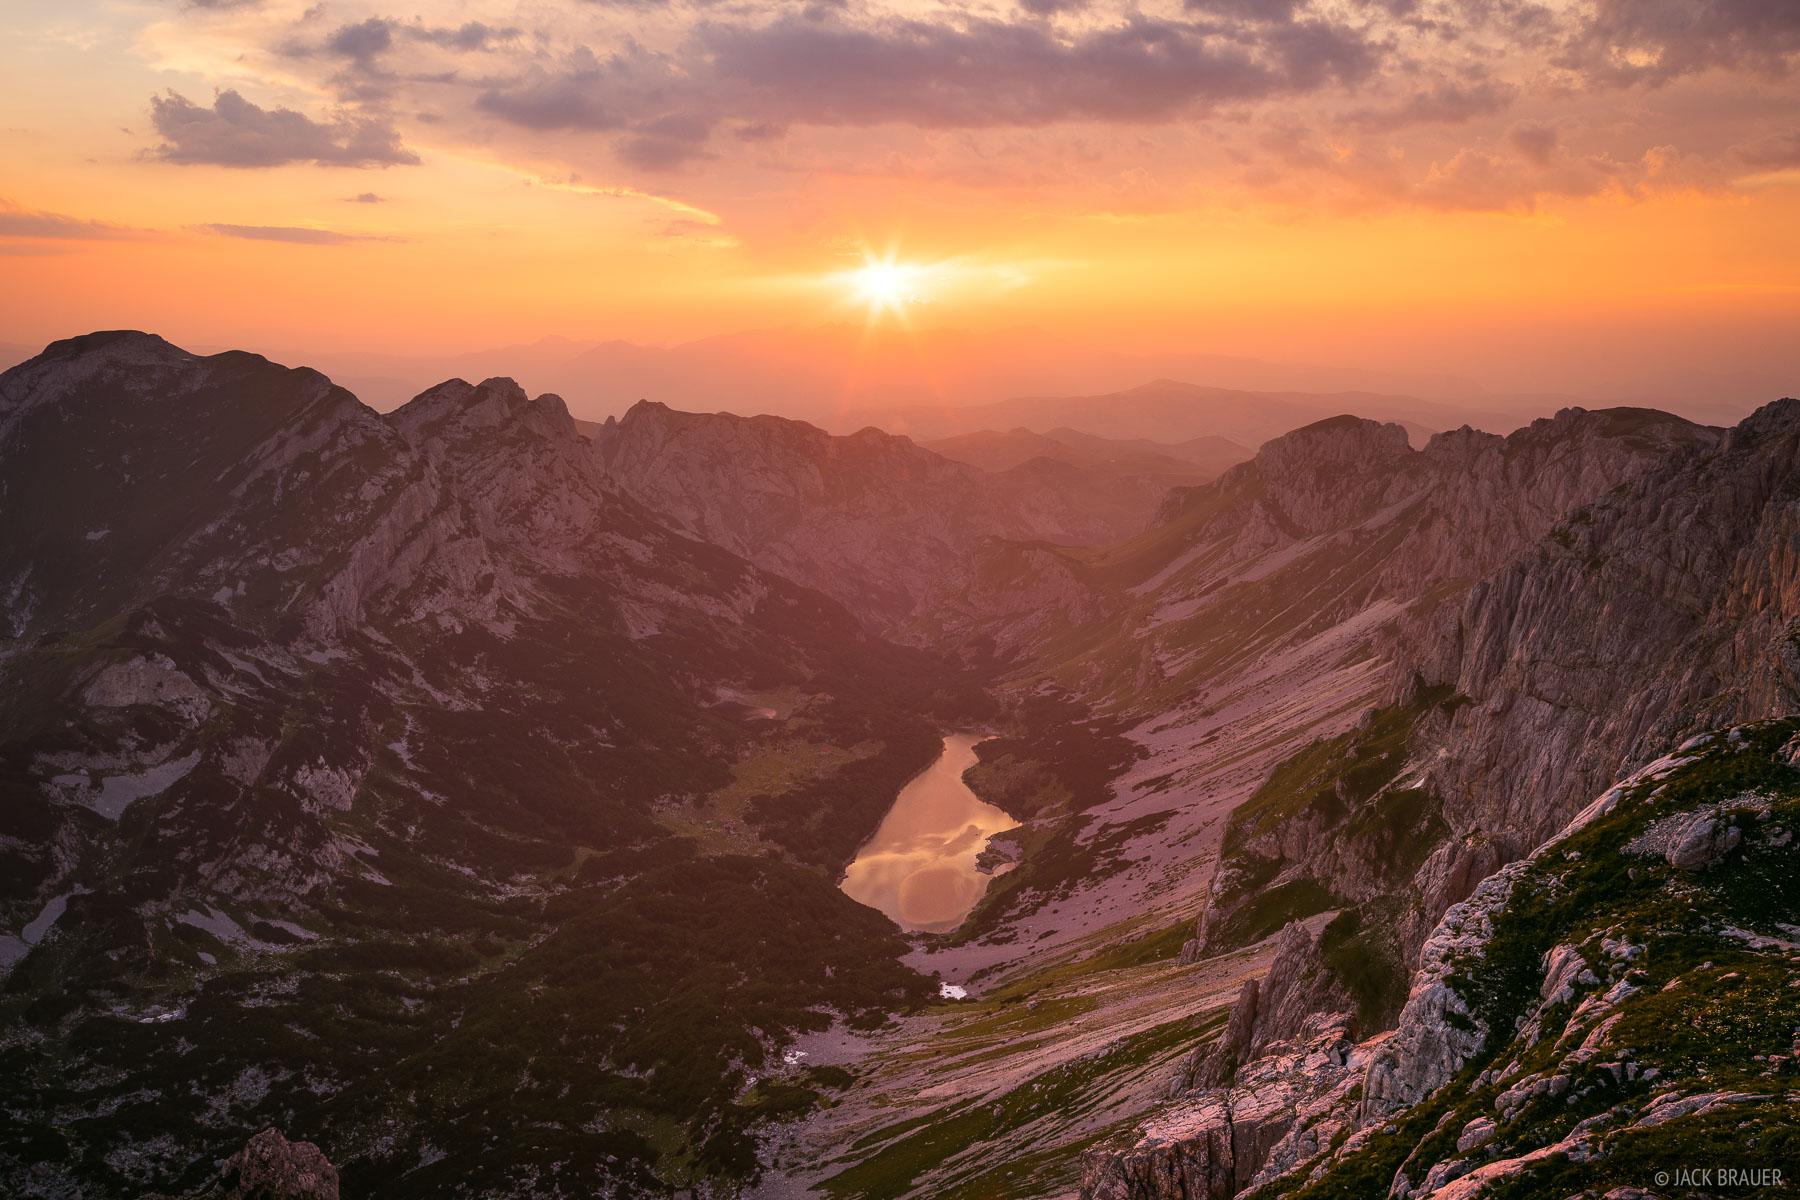 Bobotov Kuk,Dinaric Alps,Durmitor National Park,Montenegro,Škrčka Jezera,Škrčka Jezera, photo